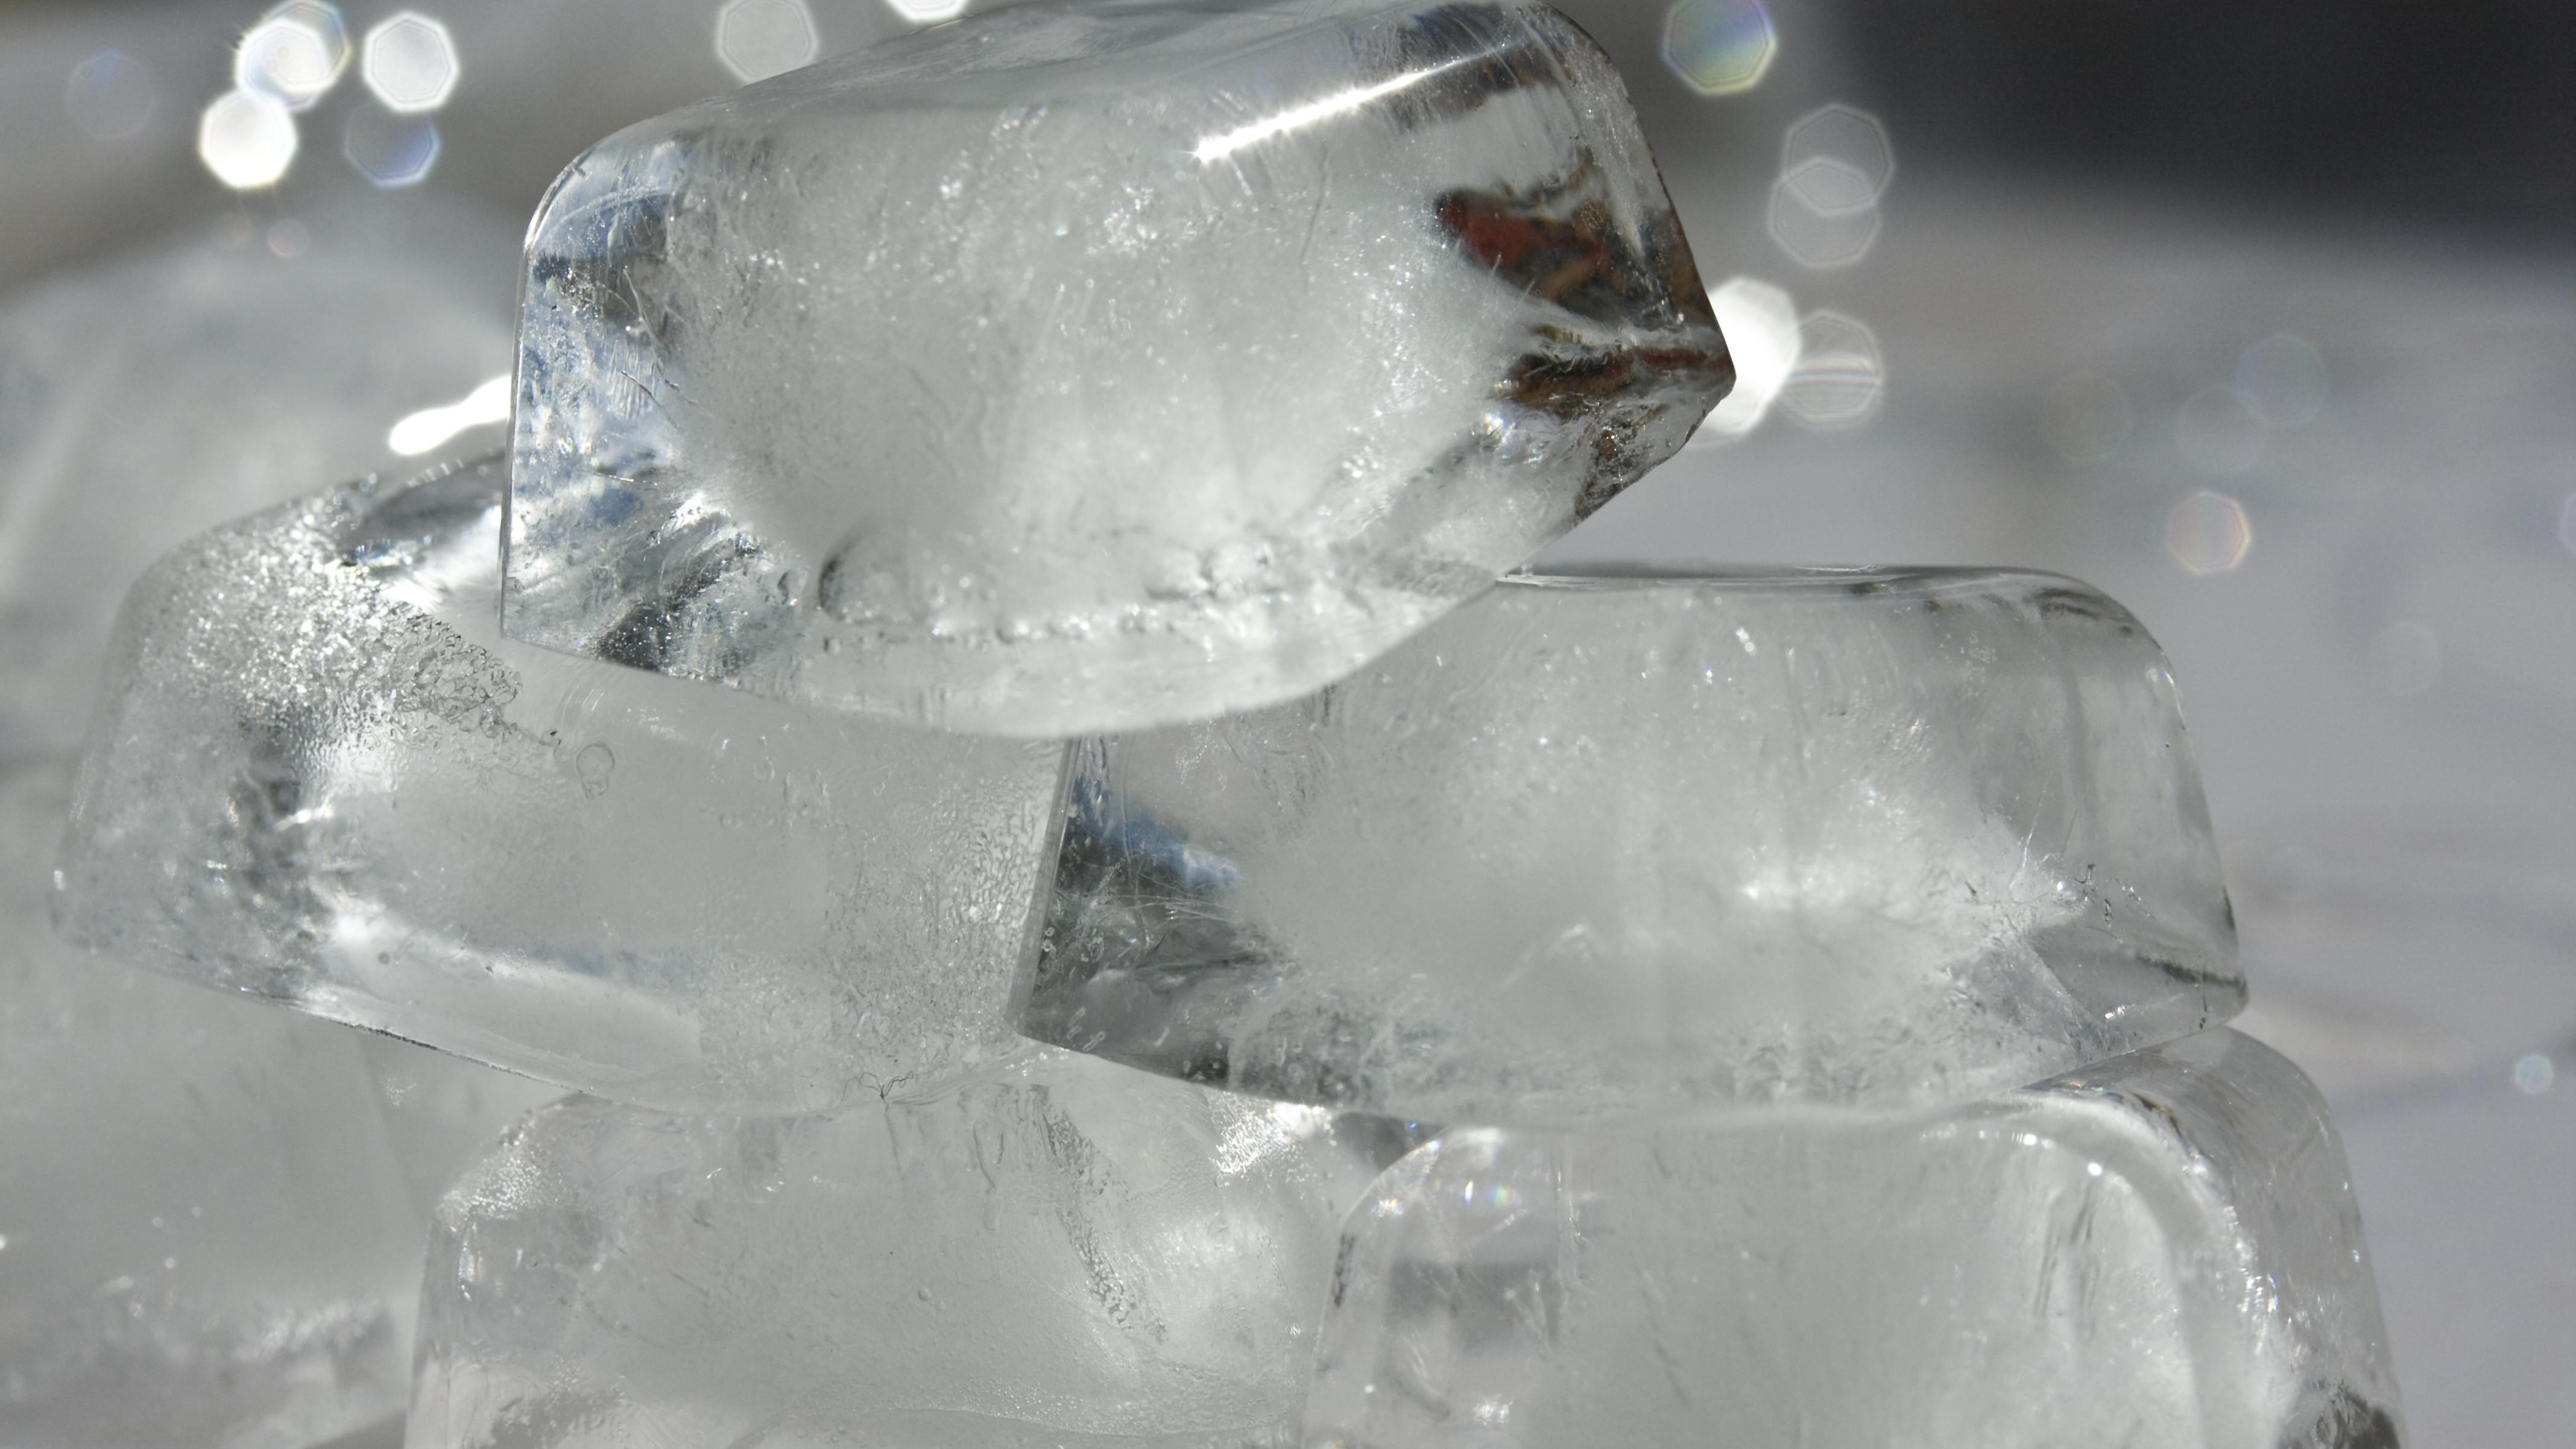 Stellen Sie mit Eiswürfeln ein Eisbad her, in dem Sie die Karotten abschrecken können.